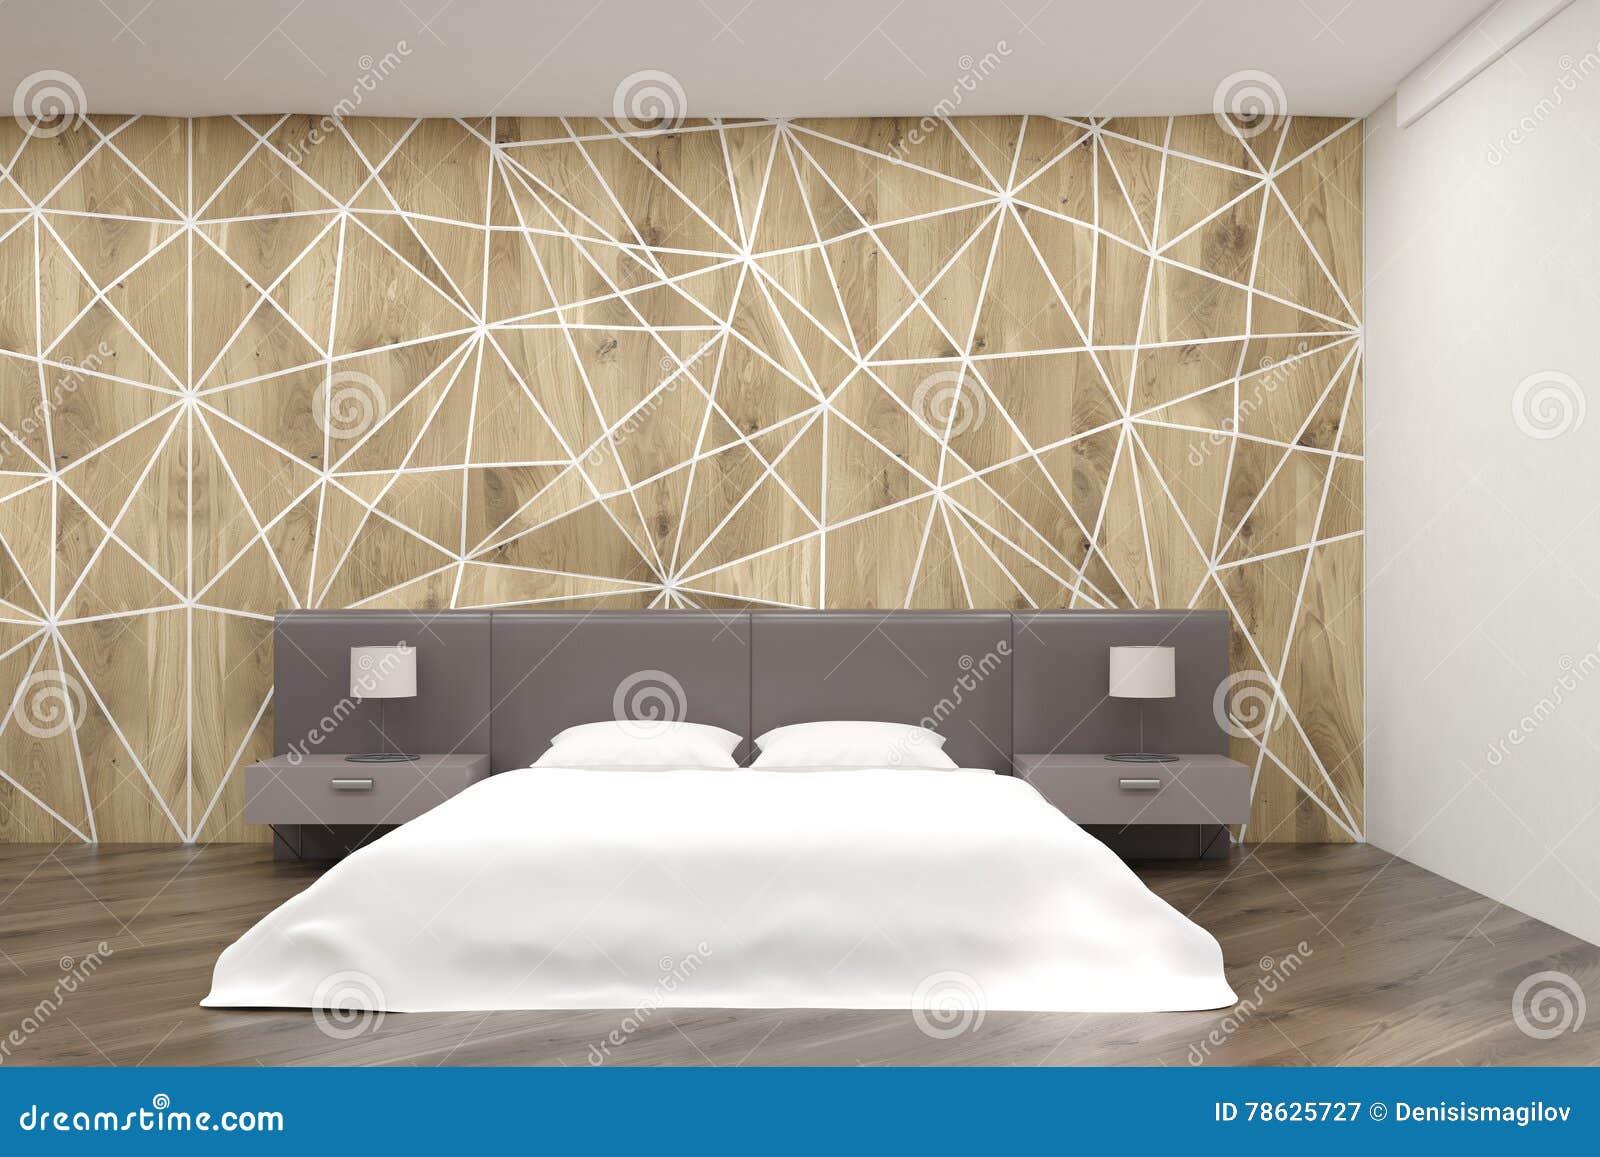 Schlafzimmer Mit Rundem Bett Und Geometrischen Wänden